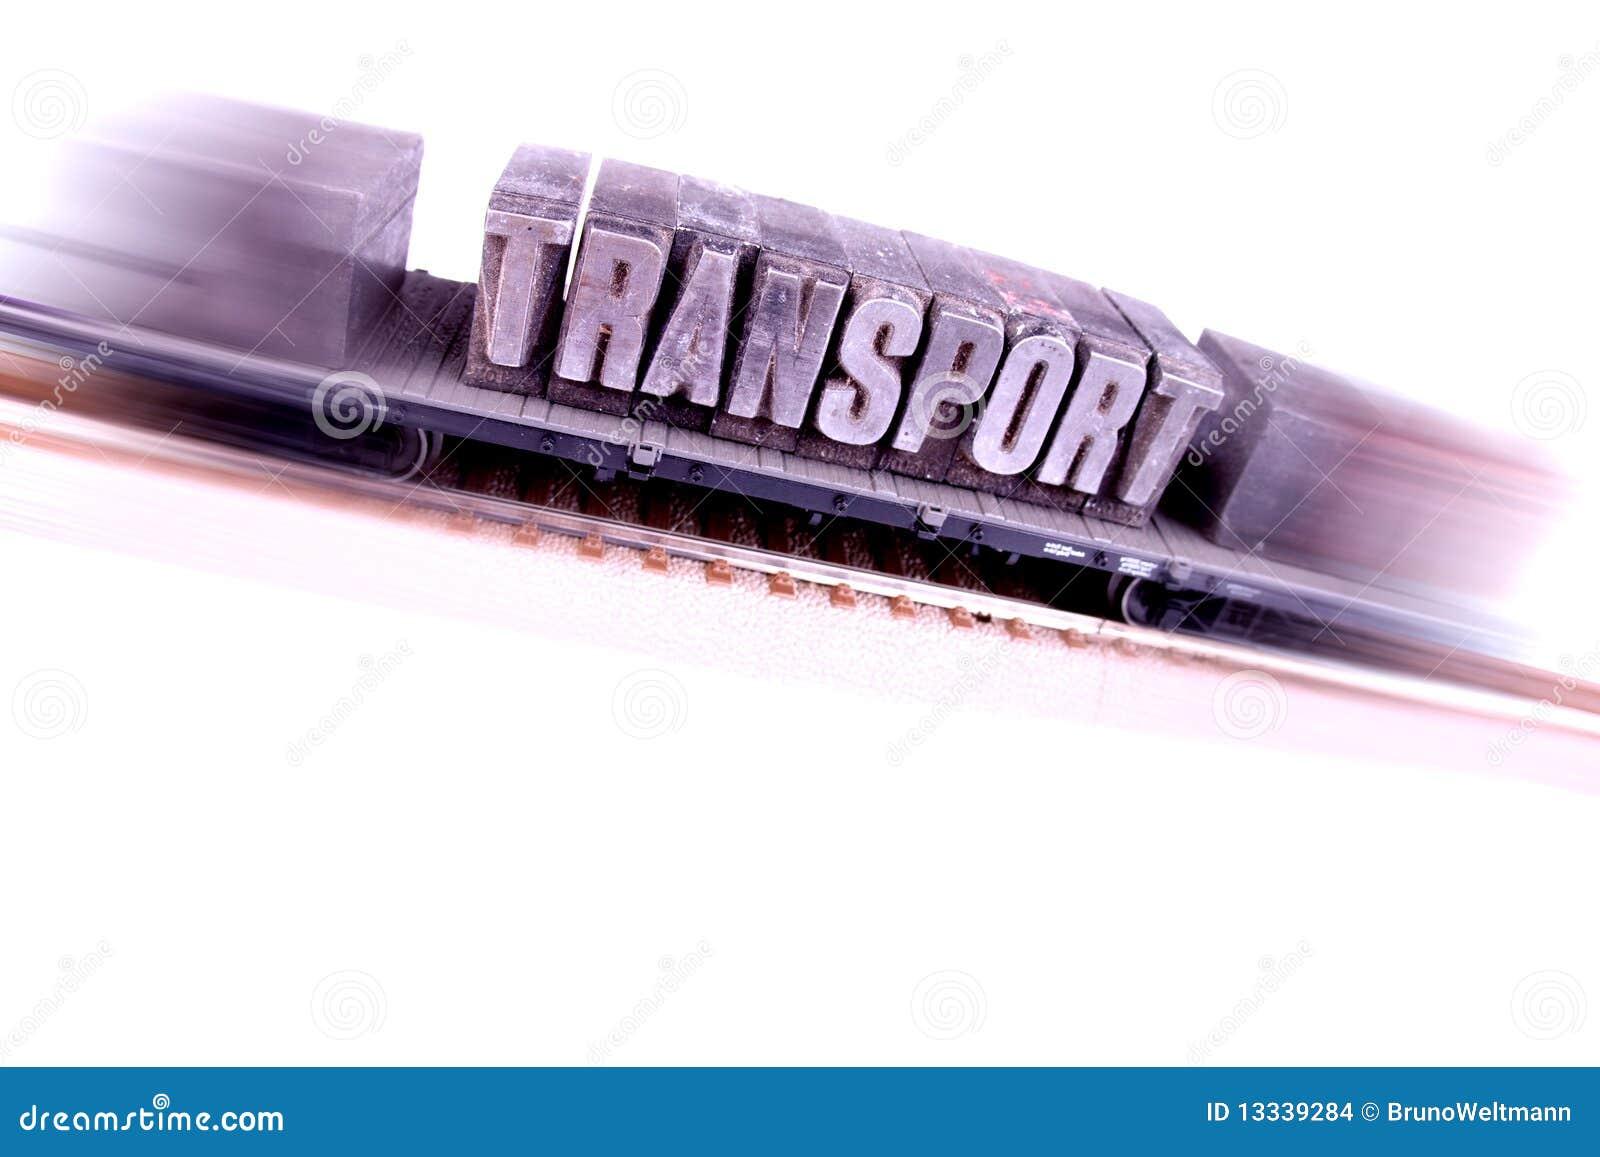 Szybki kolejowy transport